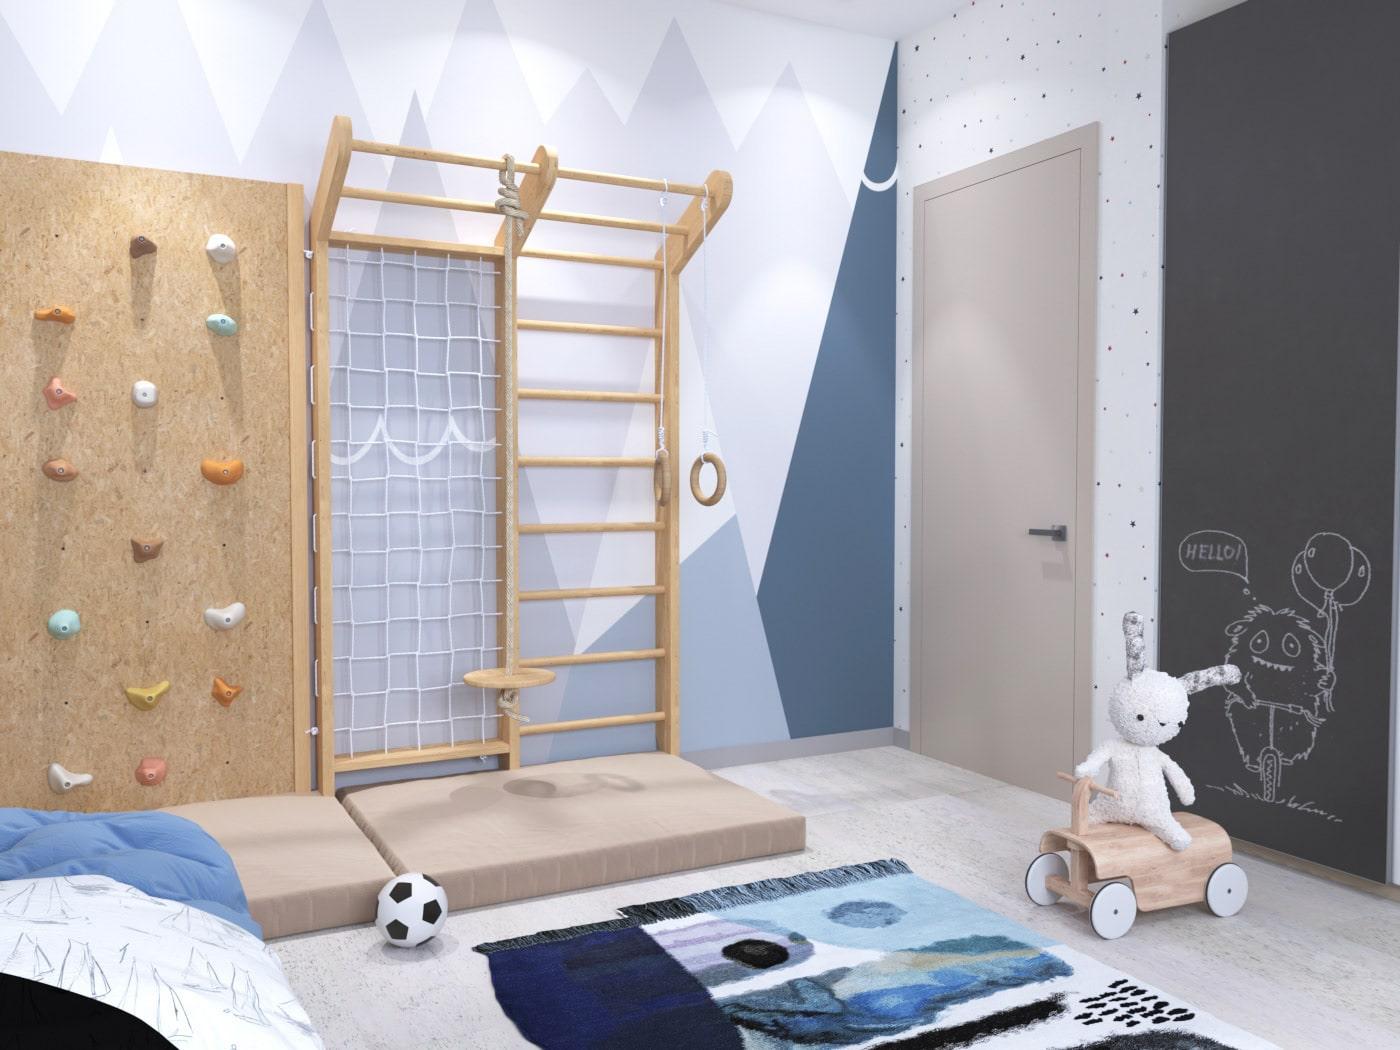 детская комната для мальчика фото 59